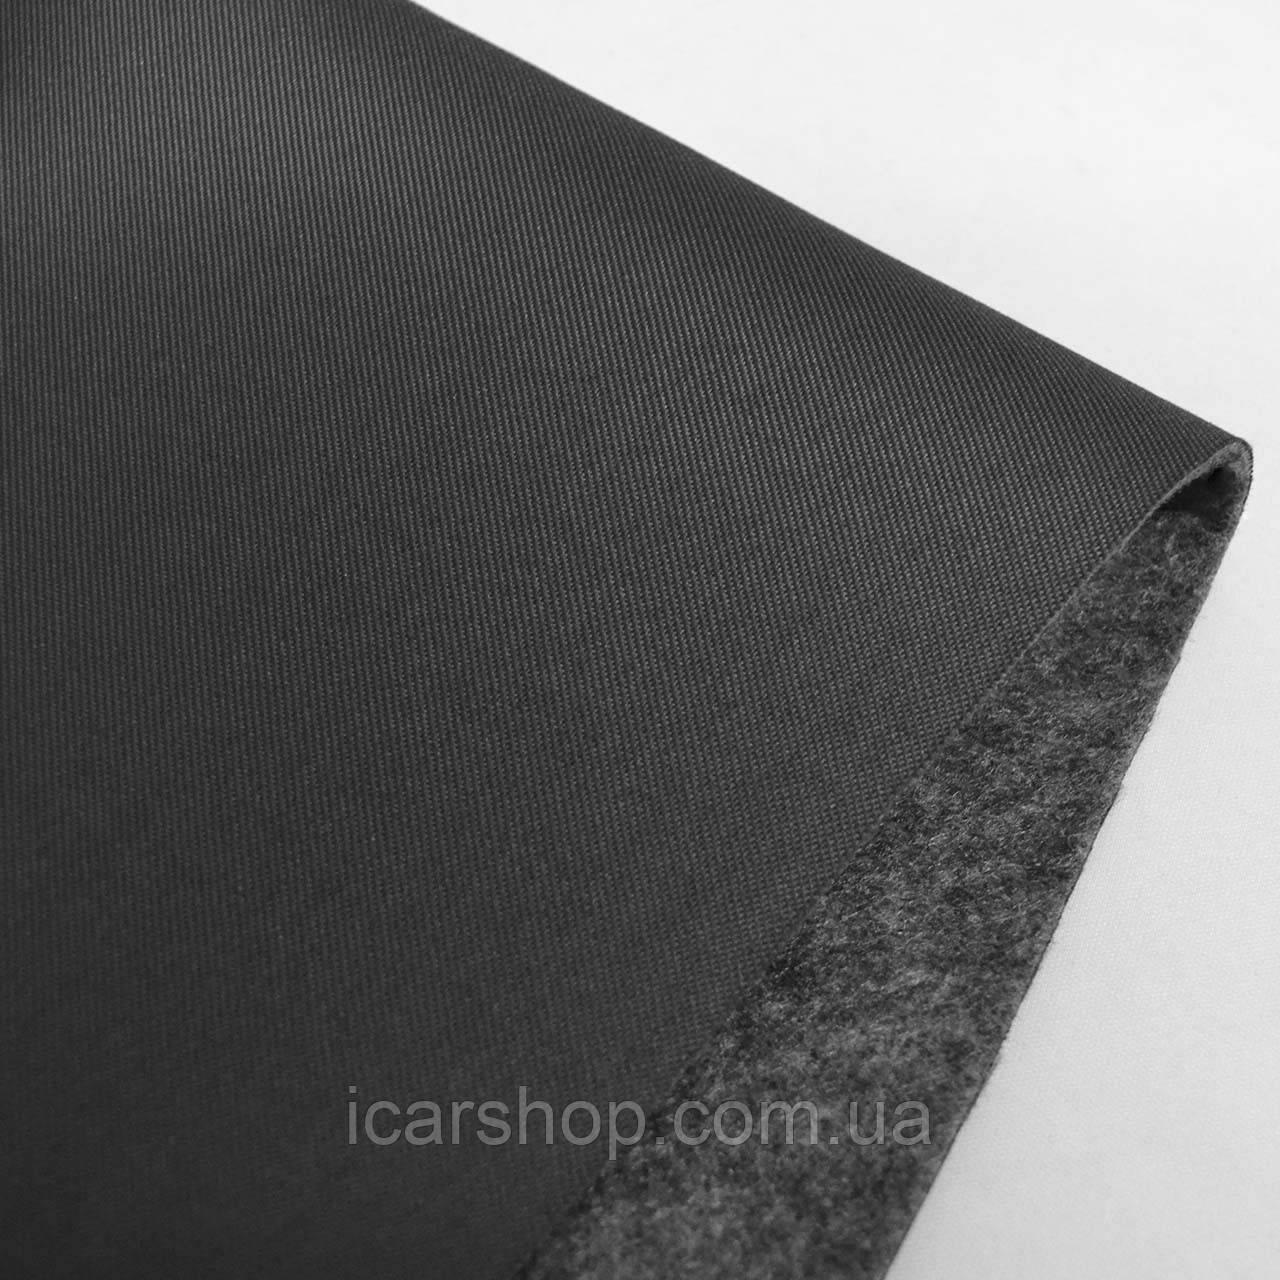 Ткань 418 (1,8м) / Темно-серая / На поролоне 2мм и войлок